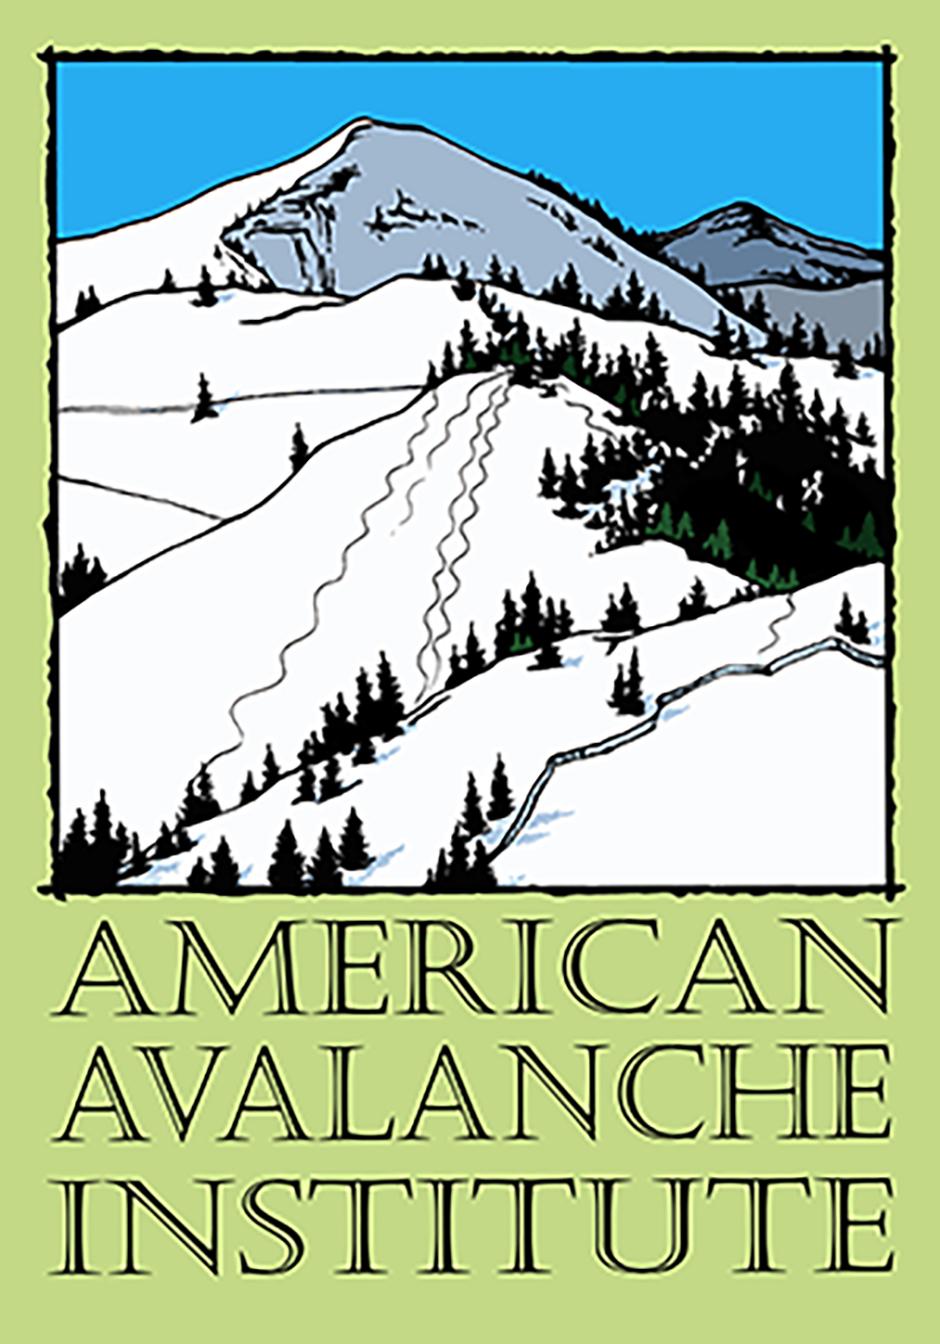 AAI-logo-940x1344.jpg